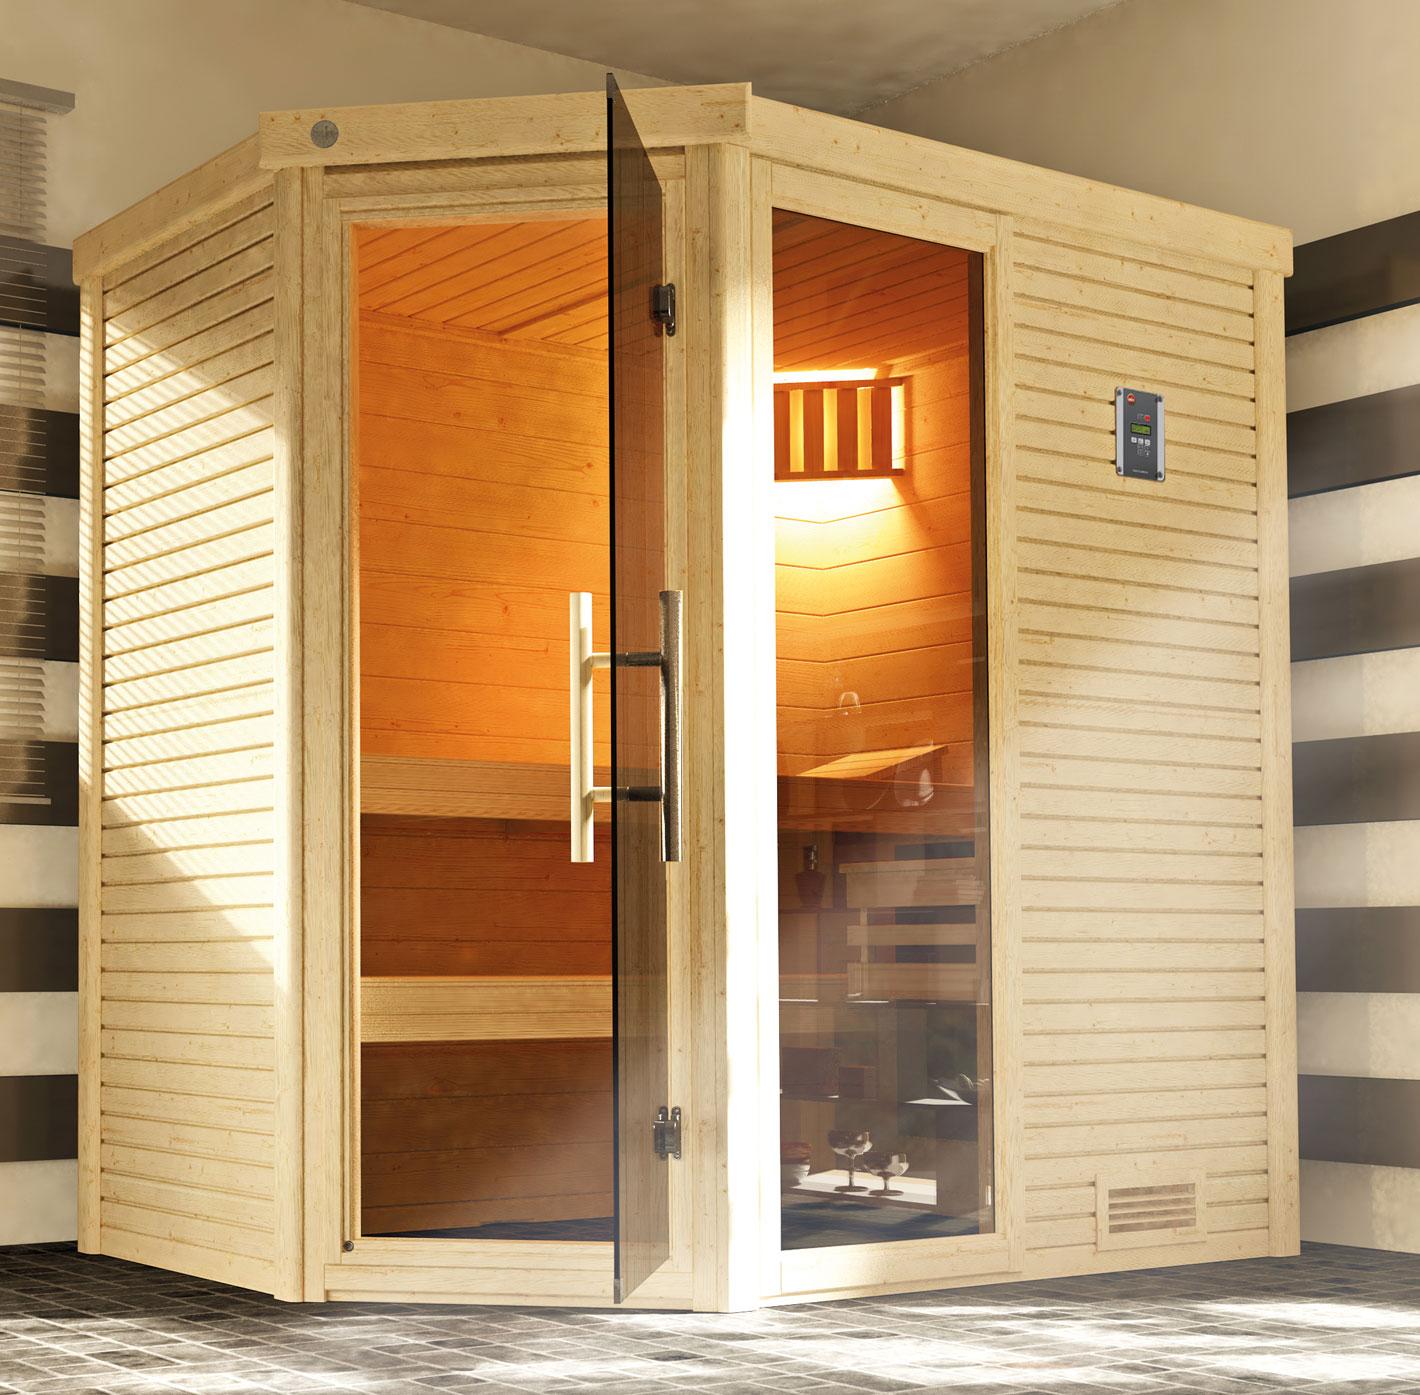 Weka Sauna Cubilis 1 45mm ohne Saunaofen + Leuchtenset + Prem.Glastür Bild 1